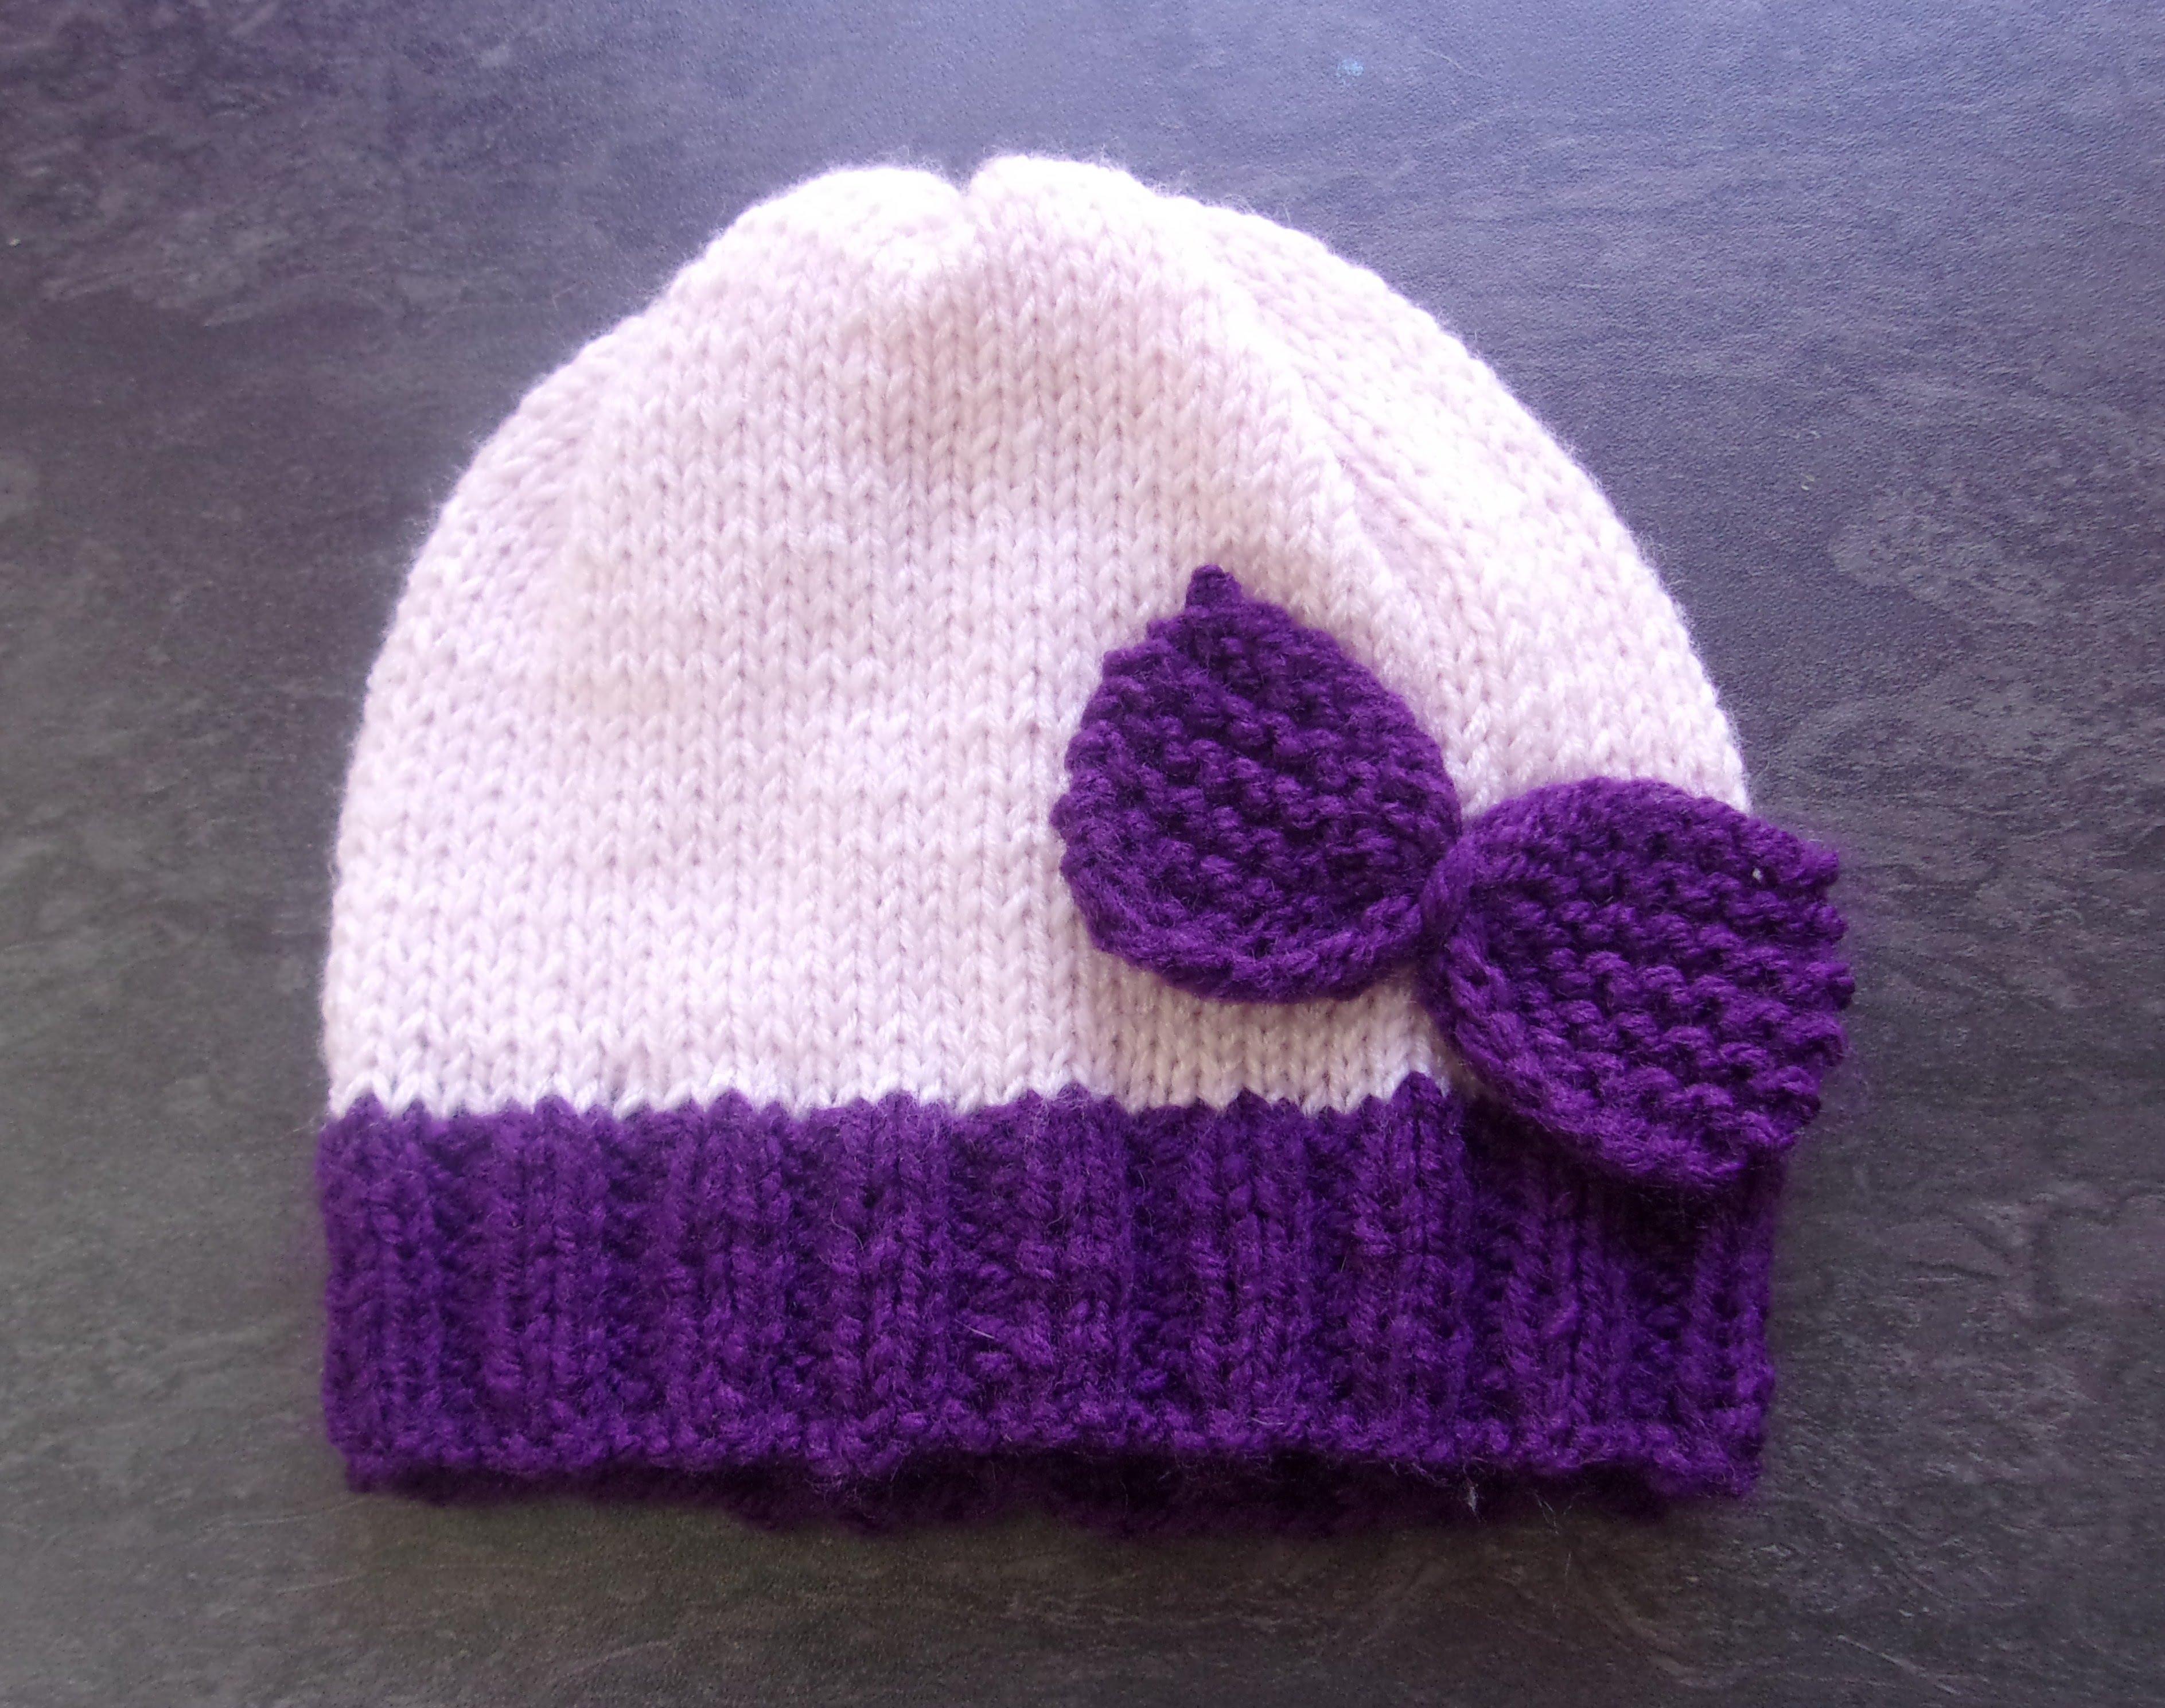 Tricot bonnet naissance facile - Idées de tricot gratuit ac355a86d48